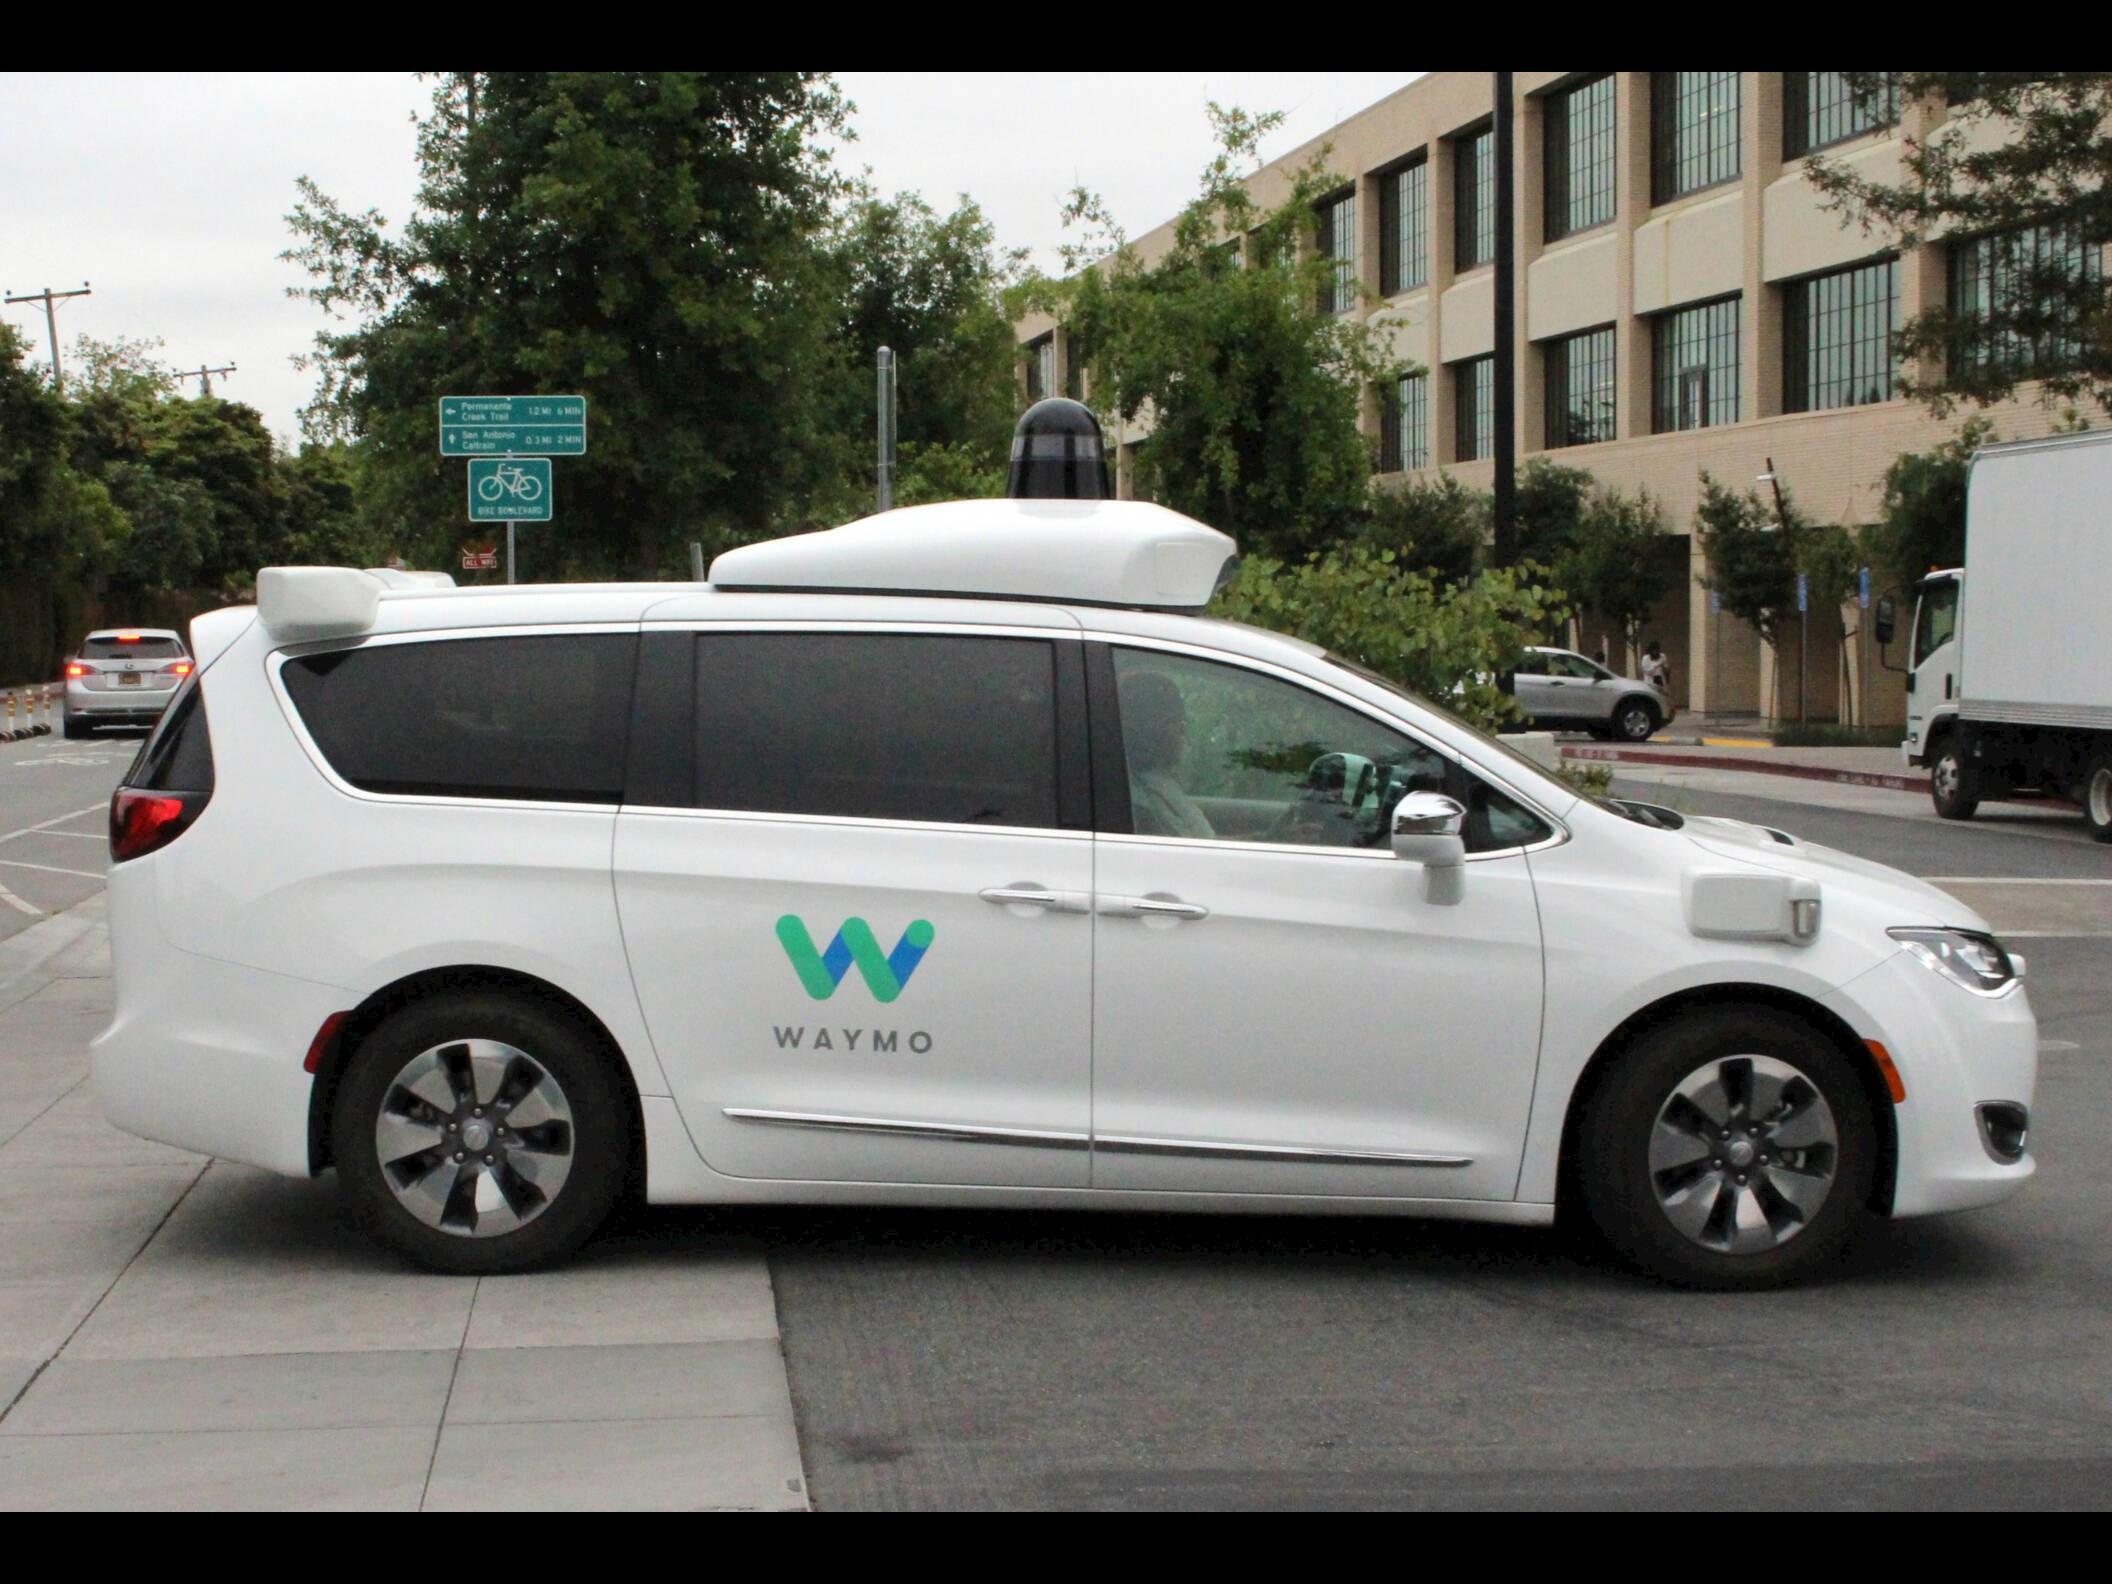 Investering van 2 miljard euro voor zelfrijdende auto Google